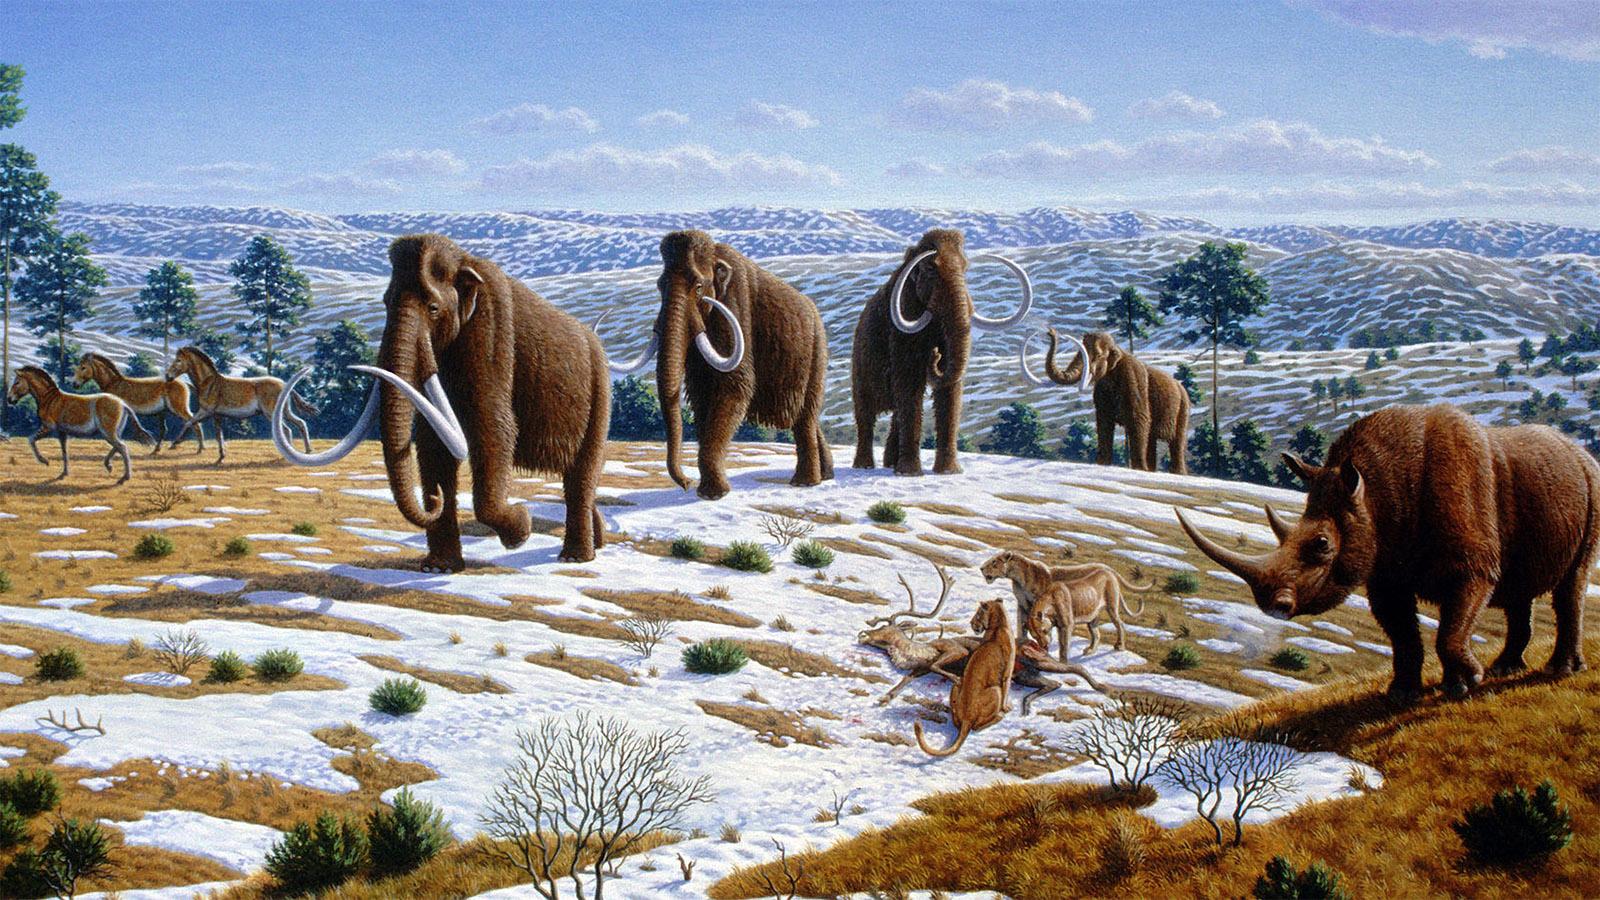 Pleistozäne Fauna in Nordspanien. Illustration: Mauricio Antón